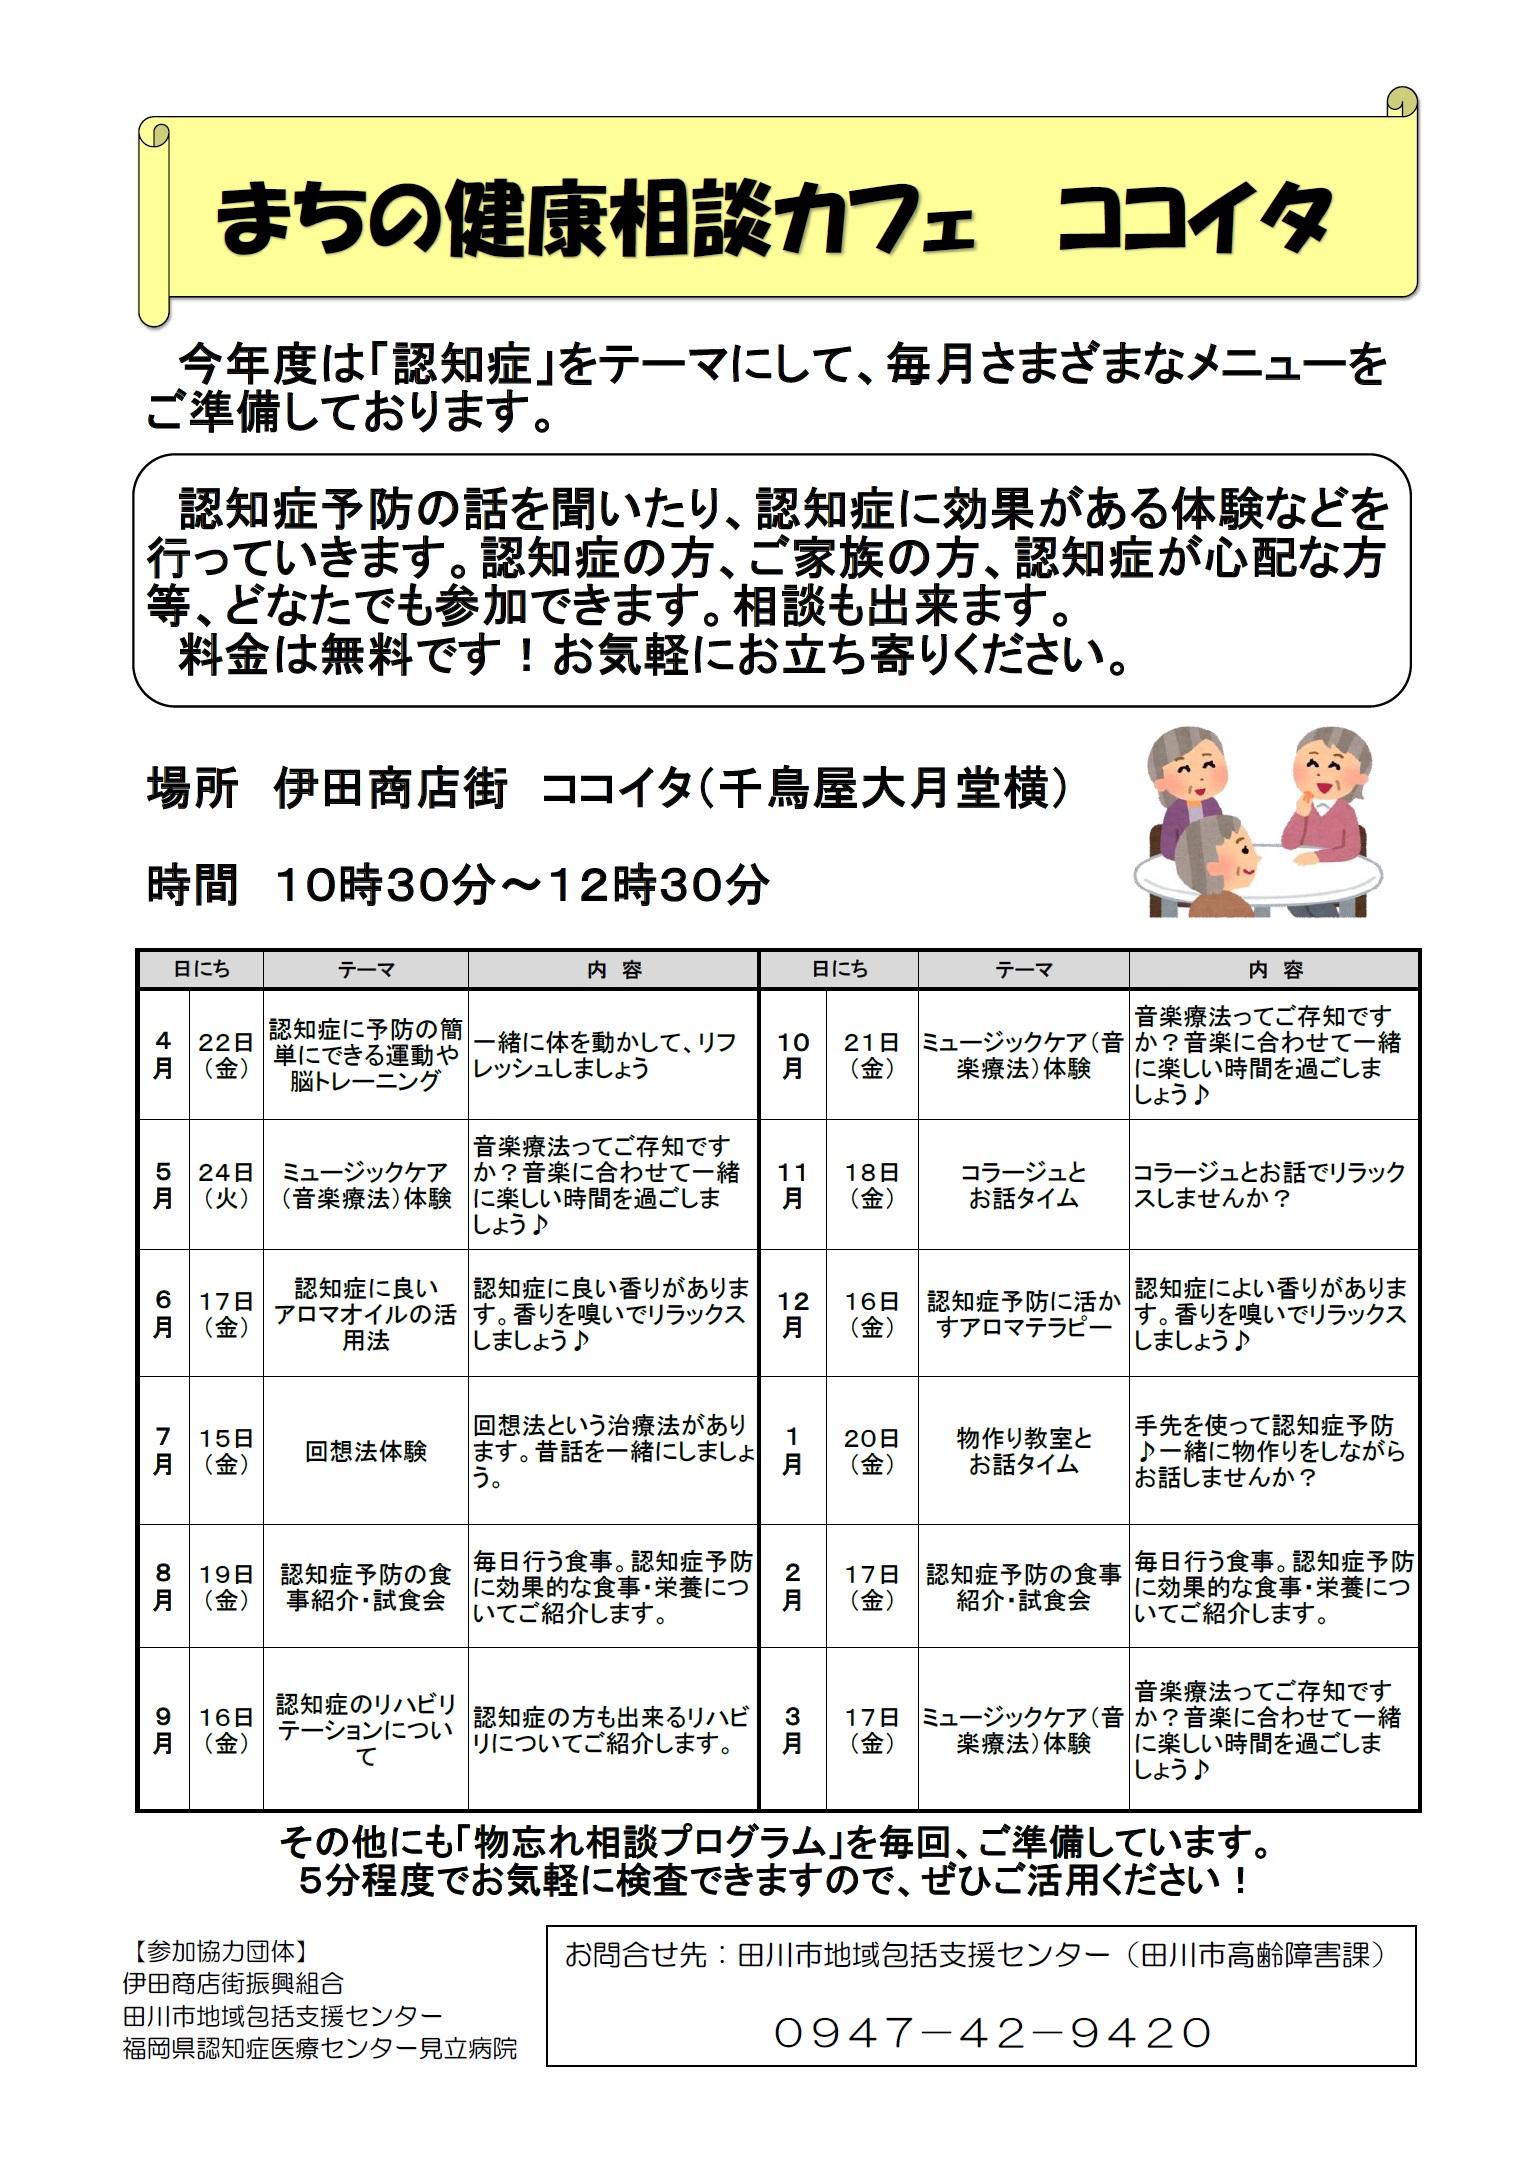 健康相談カフェ「ココイタ」スケジュール